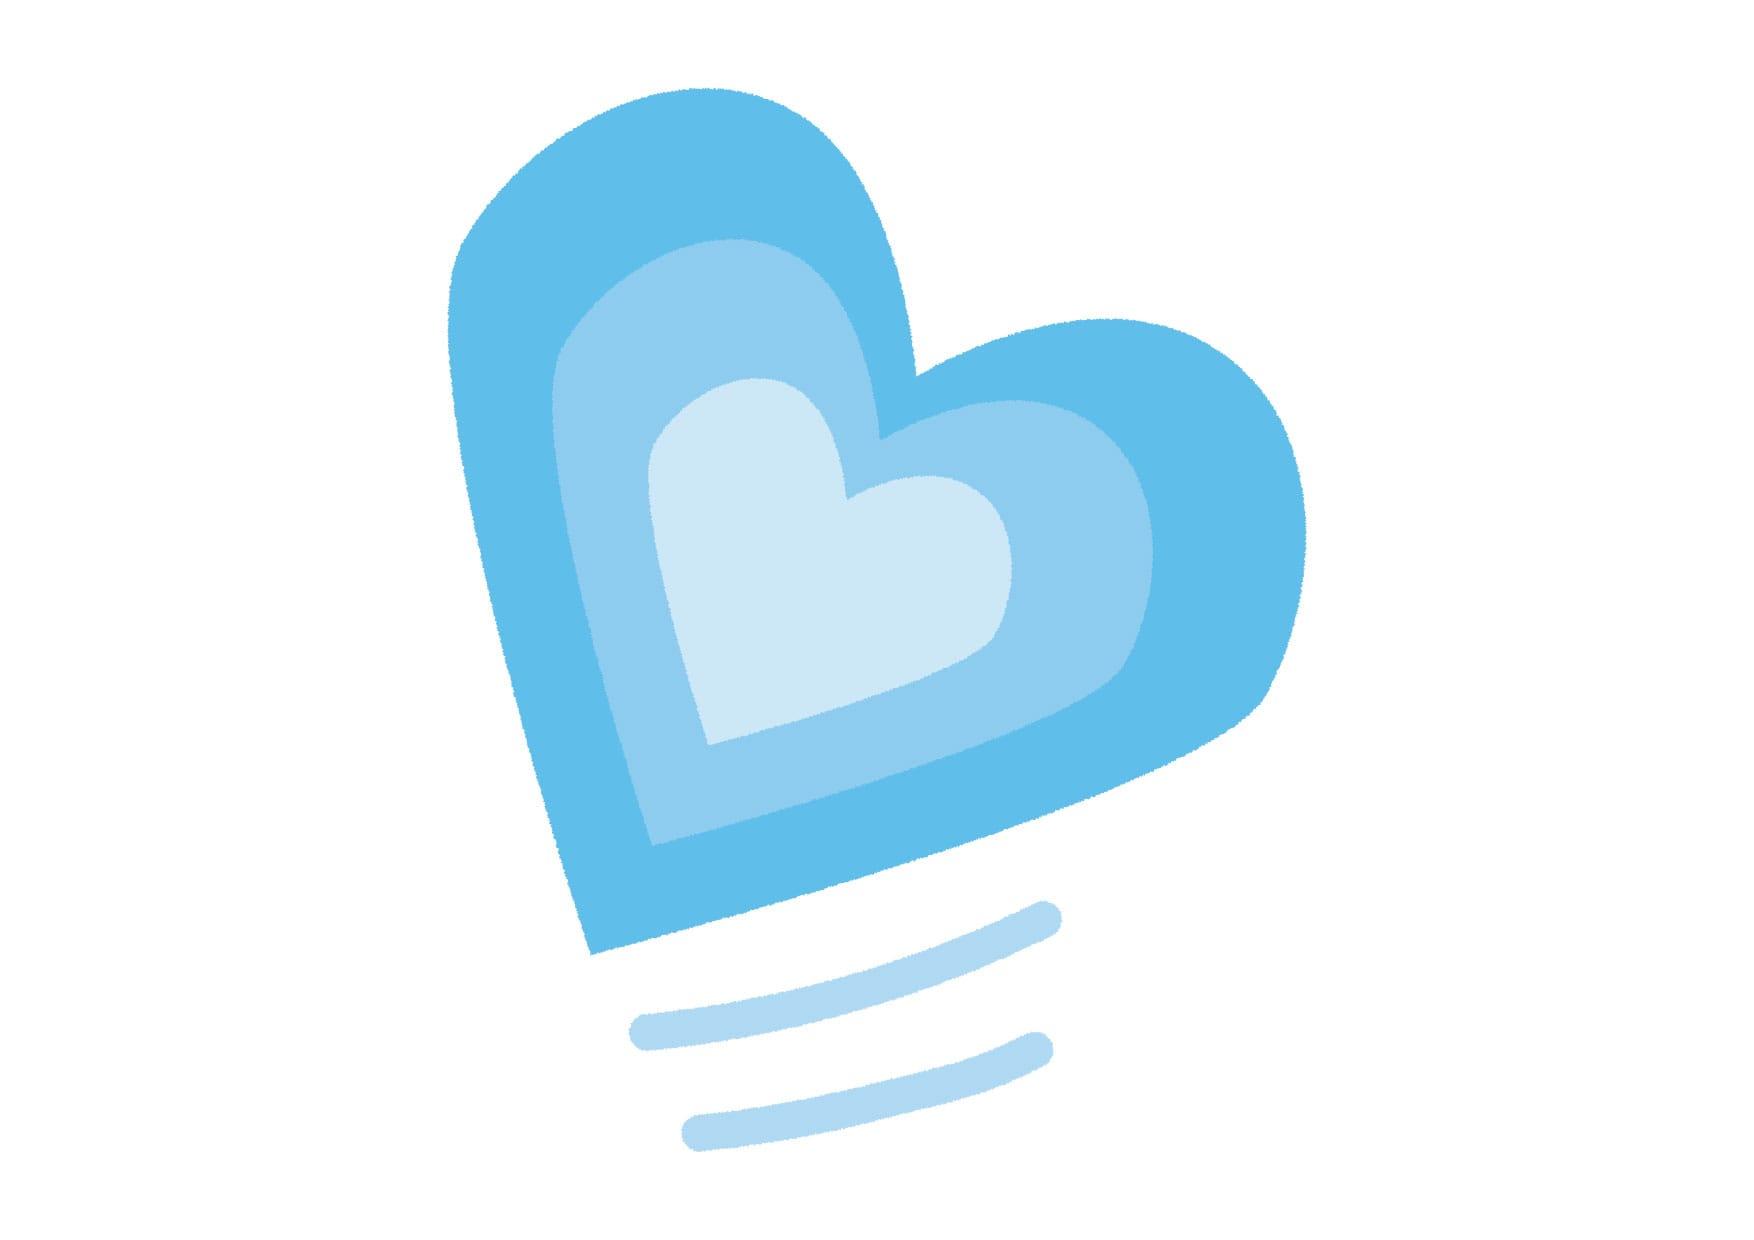 可愛いイラスト無料|グラデーション ハート 青色 − free illustration  Gradient heart blue